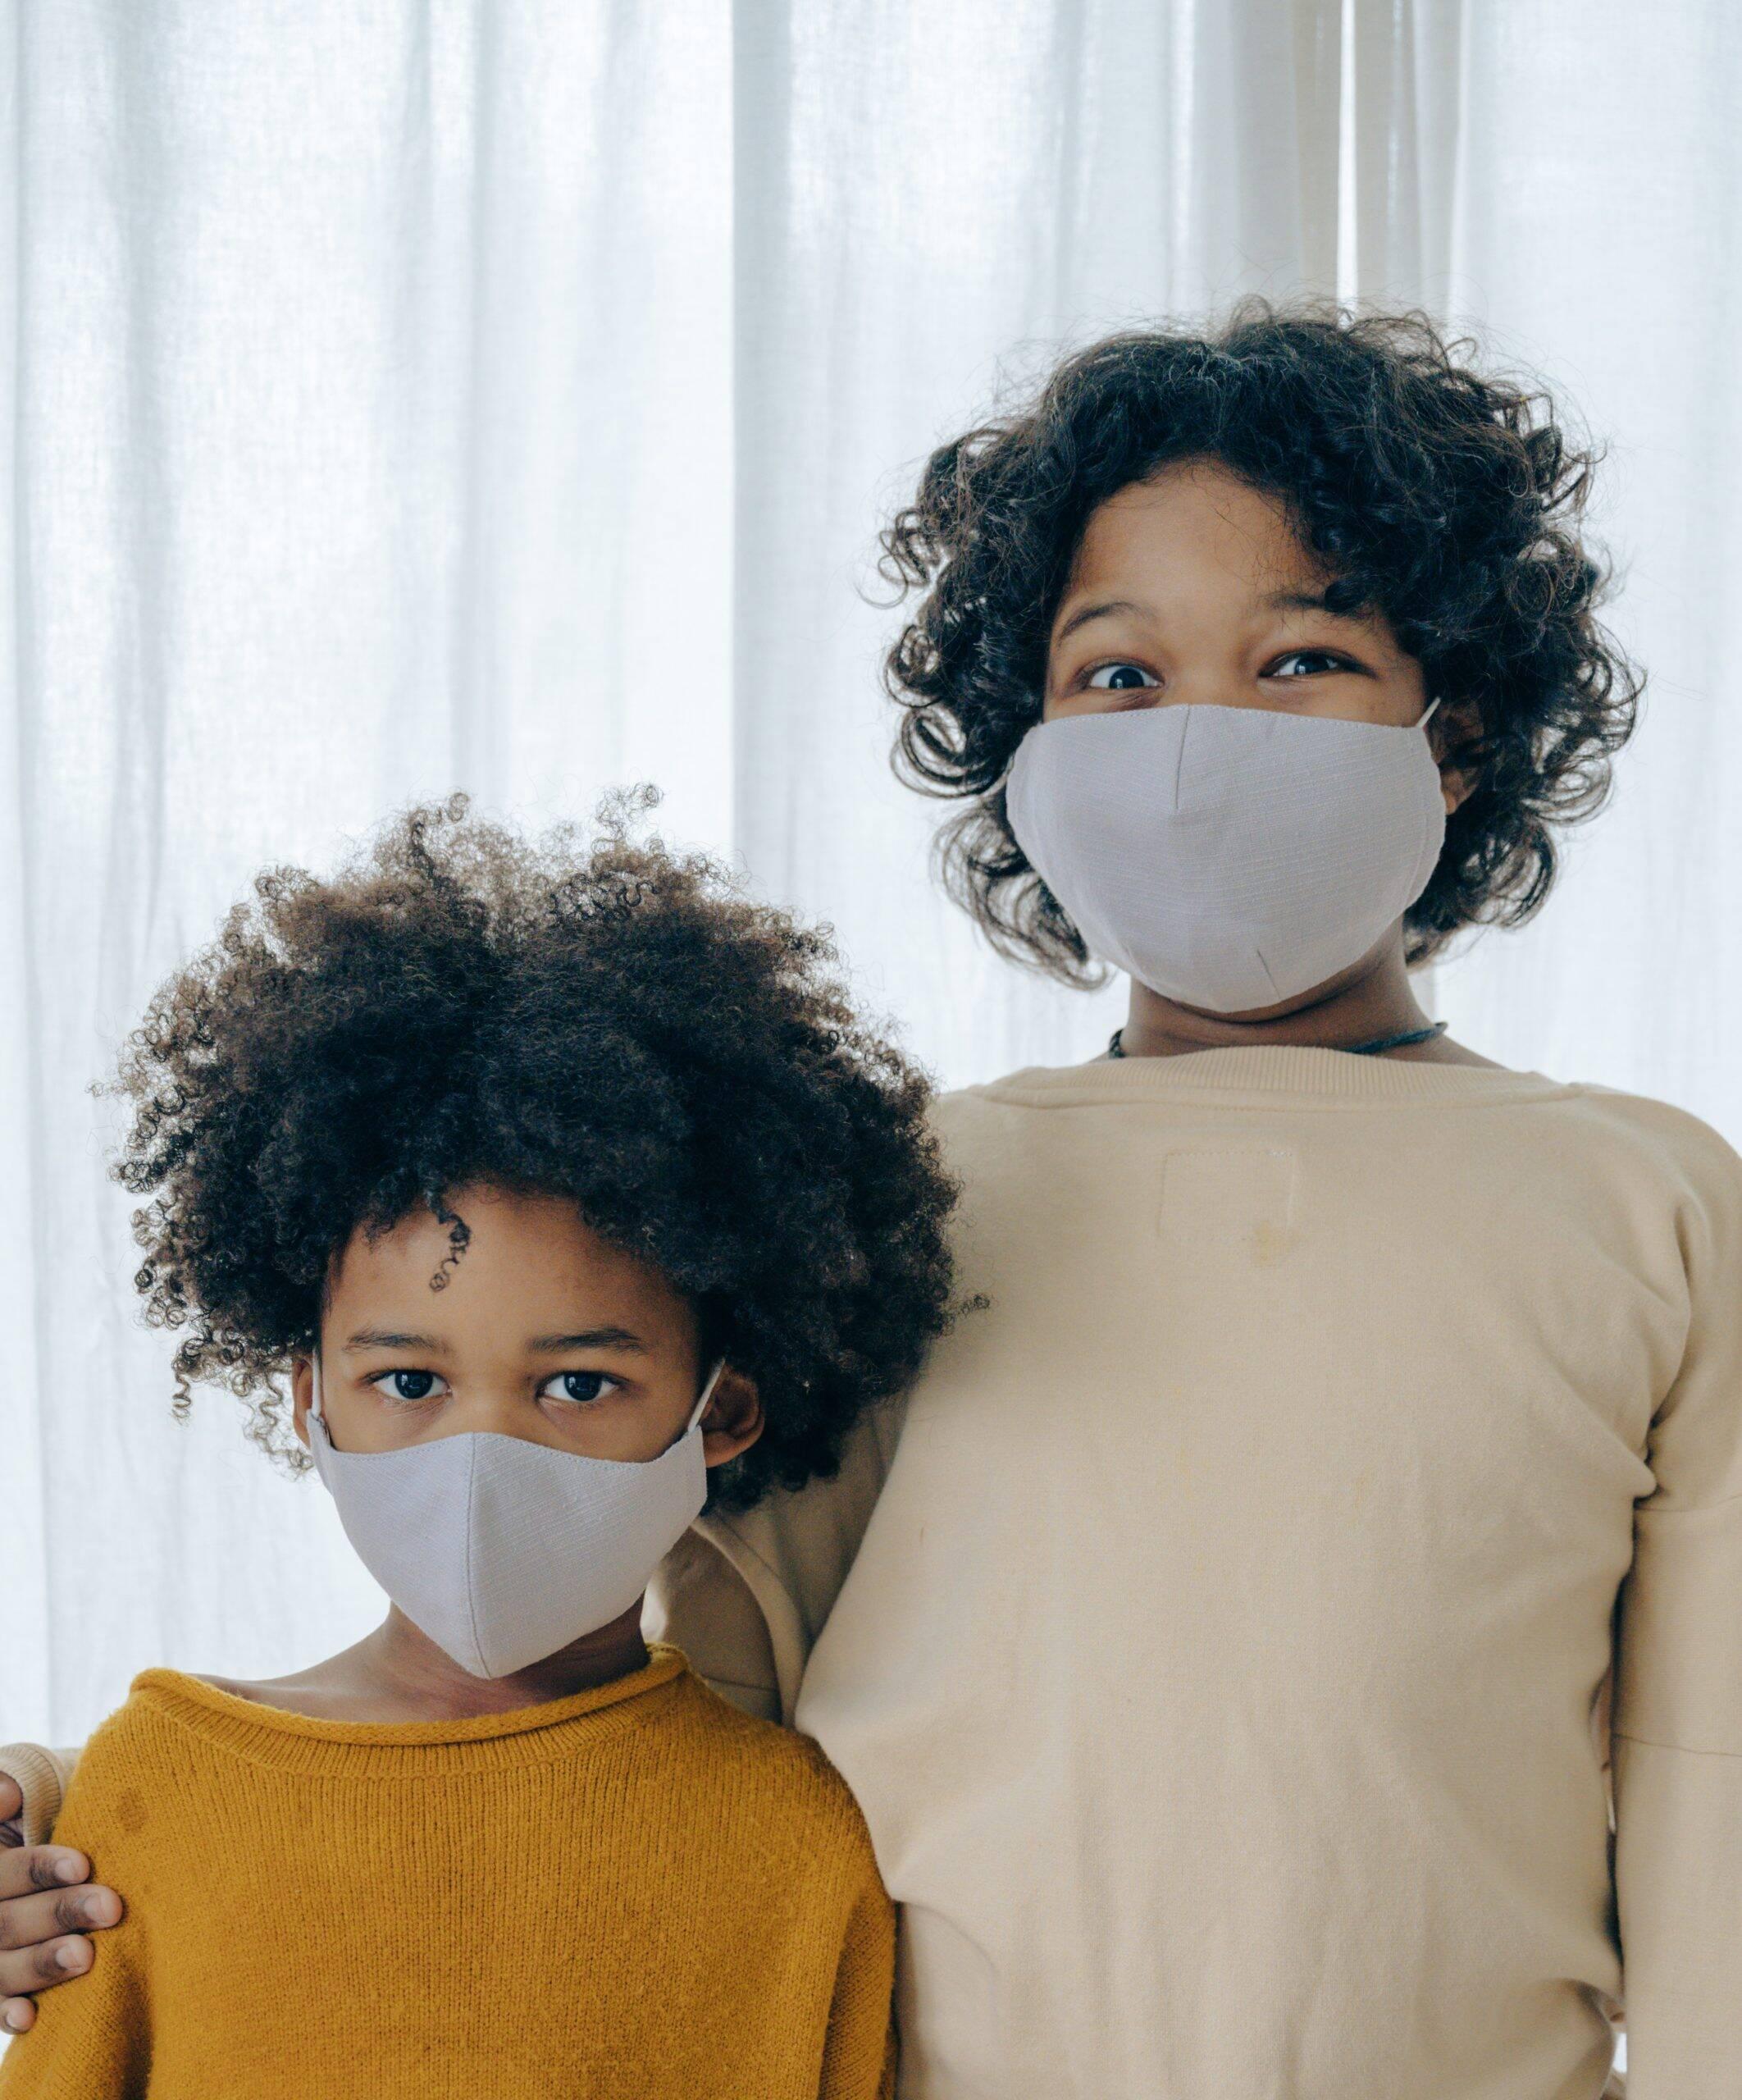 Segundo a Anvisa, ainda não existe estudos suficientes que comprovem que a vacina possa ser aplicada com segurança nas crianças (Foto: Pexels)